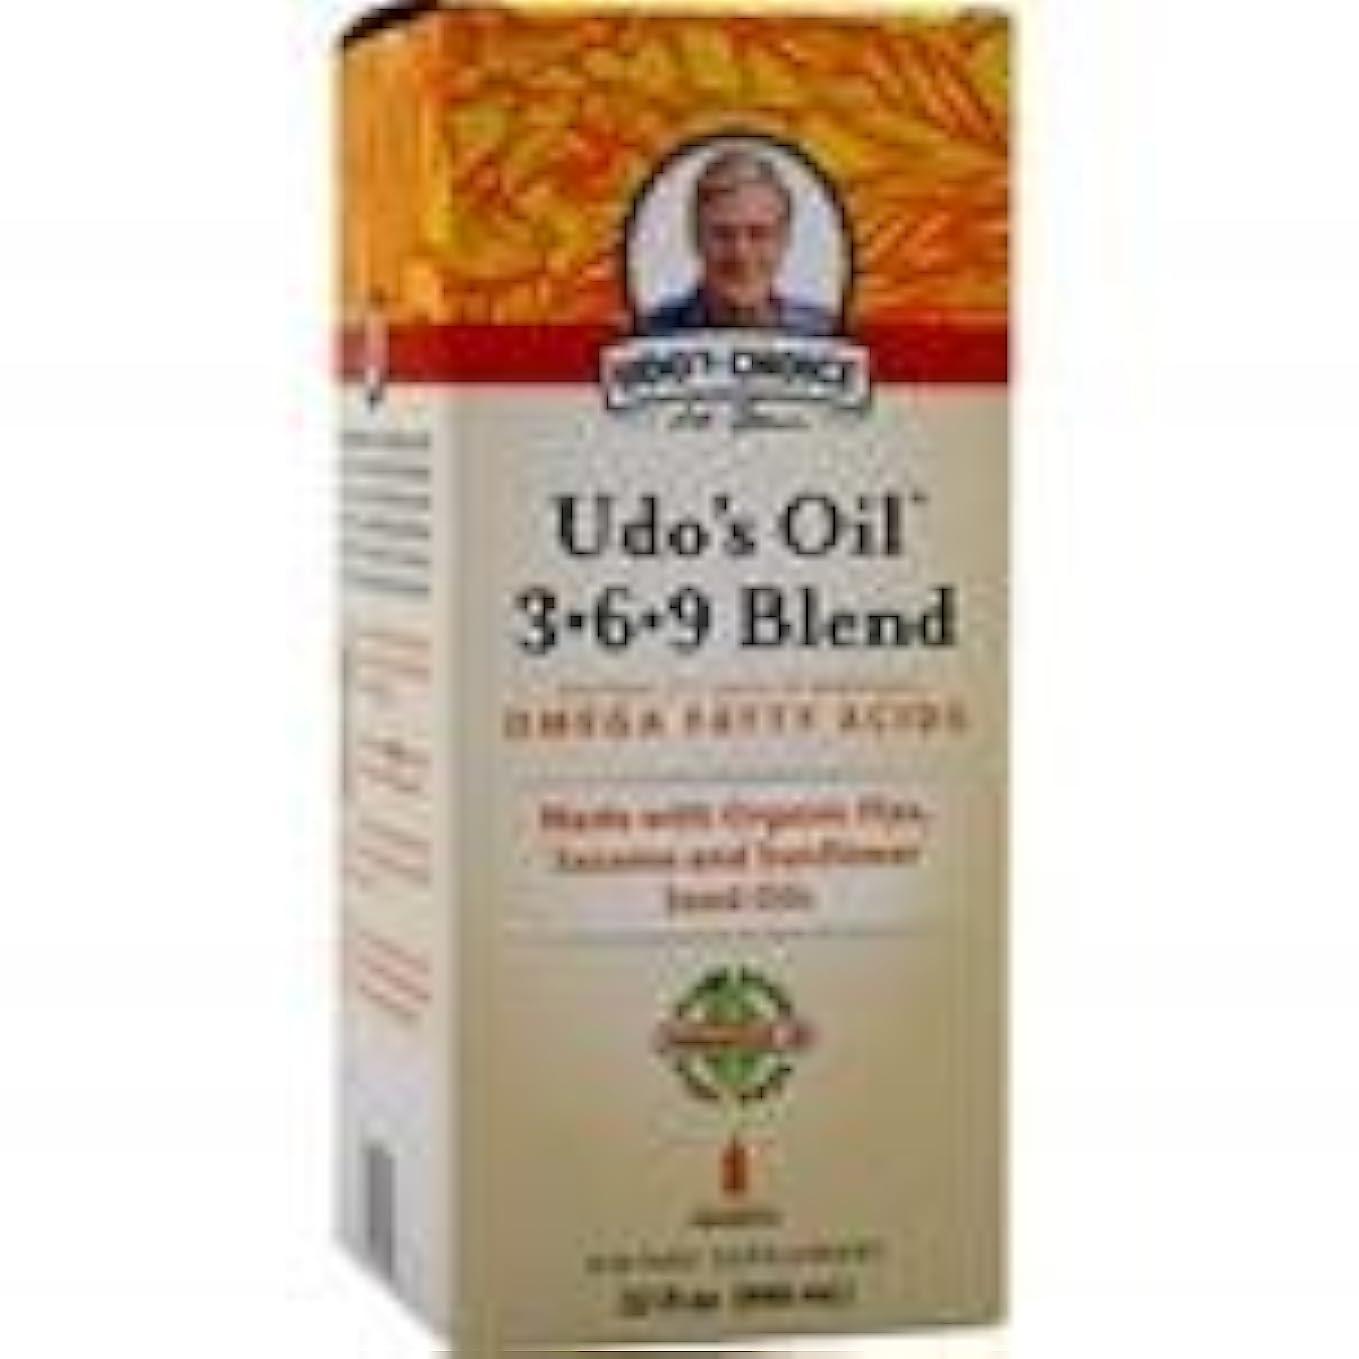 再集計所有者式Udo's Oil 3-6-9 Blend Liquid 32 fl.oz 2個パック